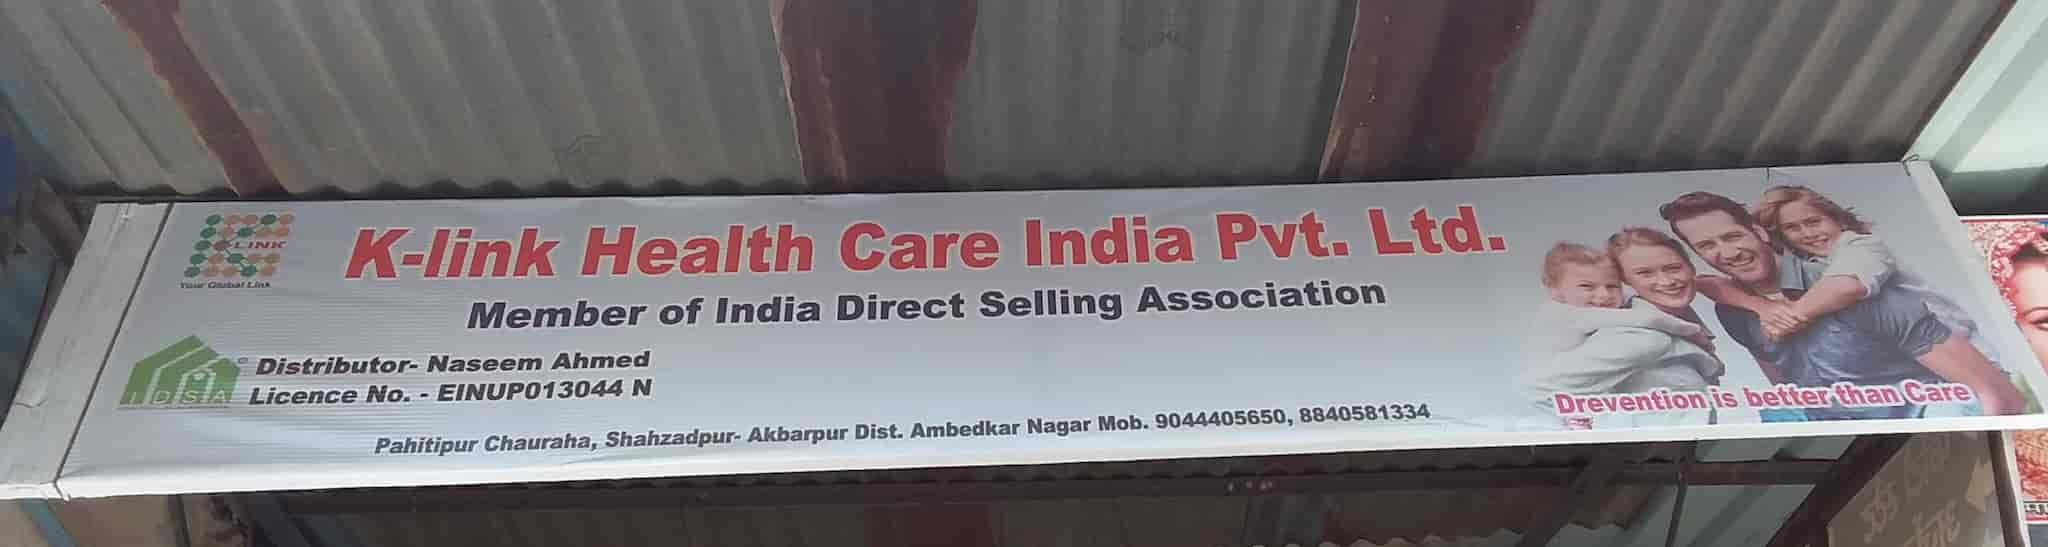 K-link Healthcare India Pvt ltd, Akbarpur - Ayurvedic